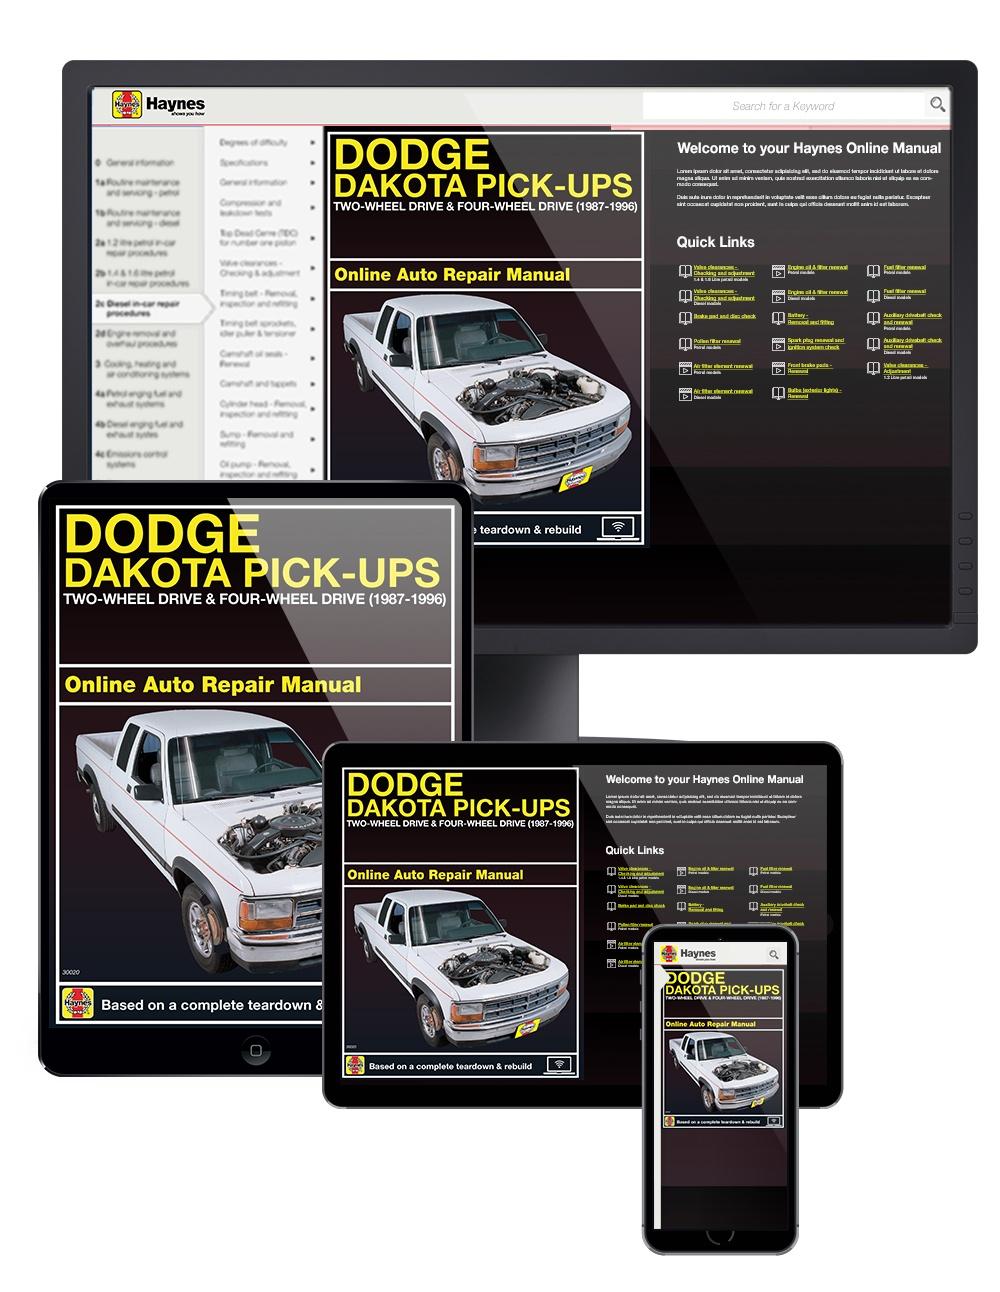 Manual cover for Dodge Dakota Pick-ups (87-96) Haynes Online Manual